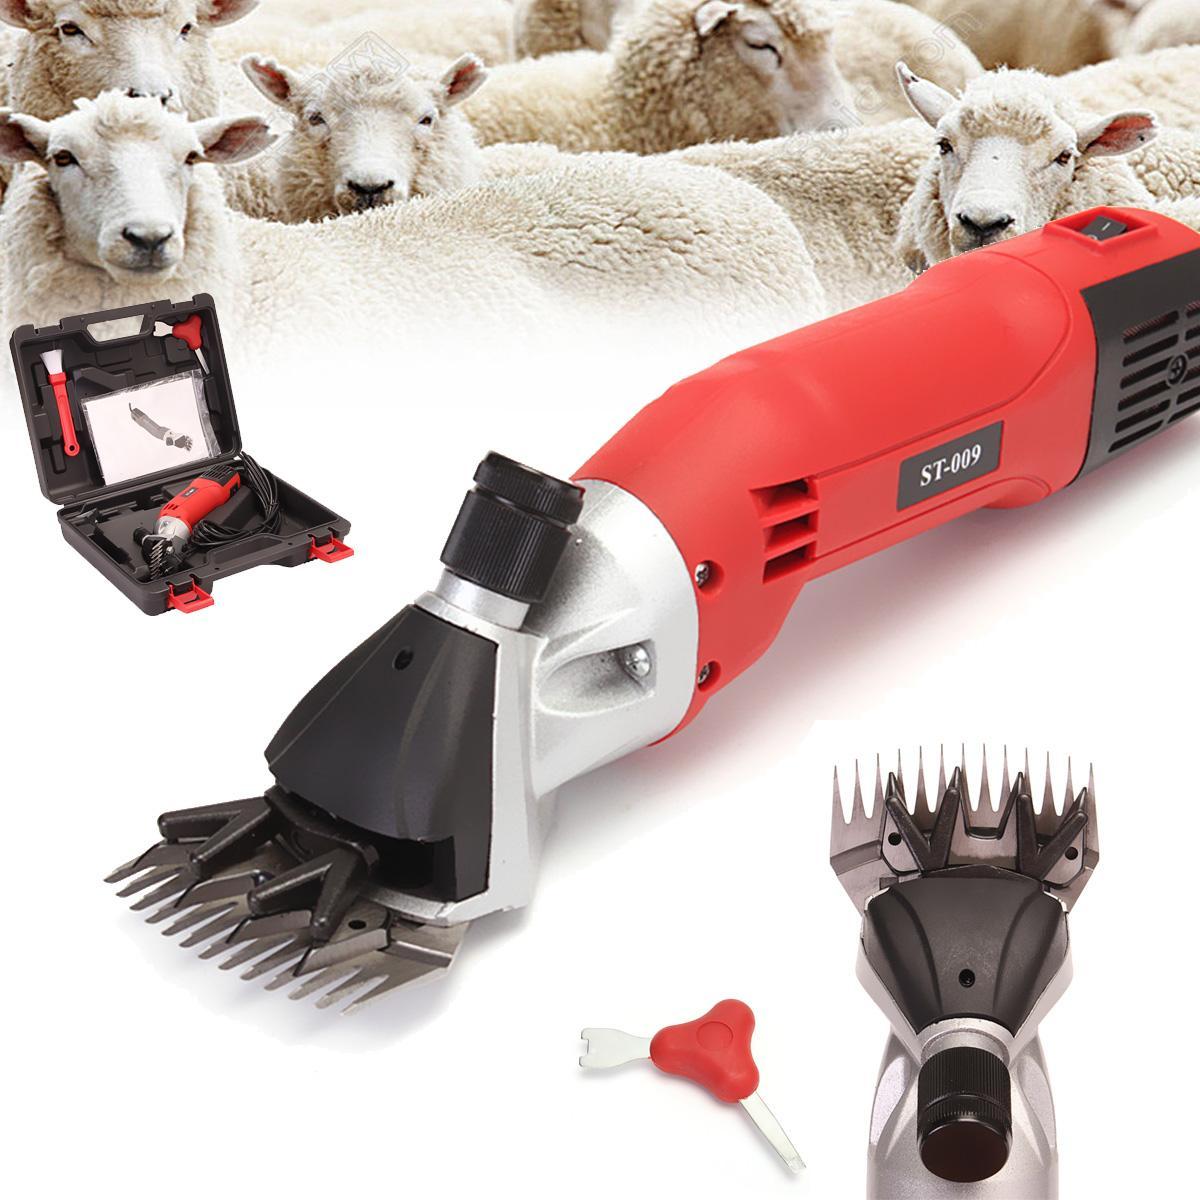 110V 500W Electric Sheep Goat Shearing Clipper Scissors Shears Farm Machine Cutter 2400r/min 60Hz US Plug110V 500W Electric Sheep Goat Shearing Clipper Scissors Shears Farm Machine Cutter 2400r/min 60Hz US Plug